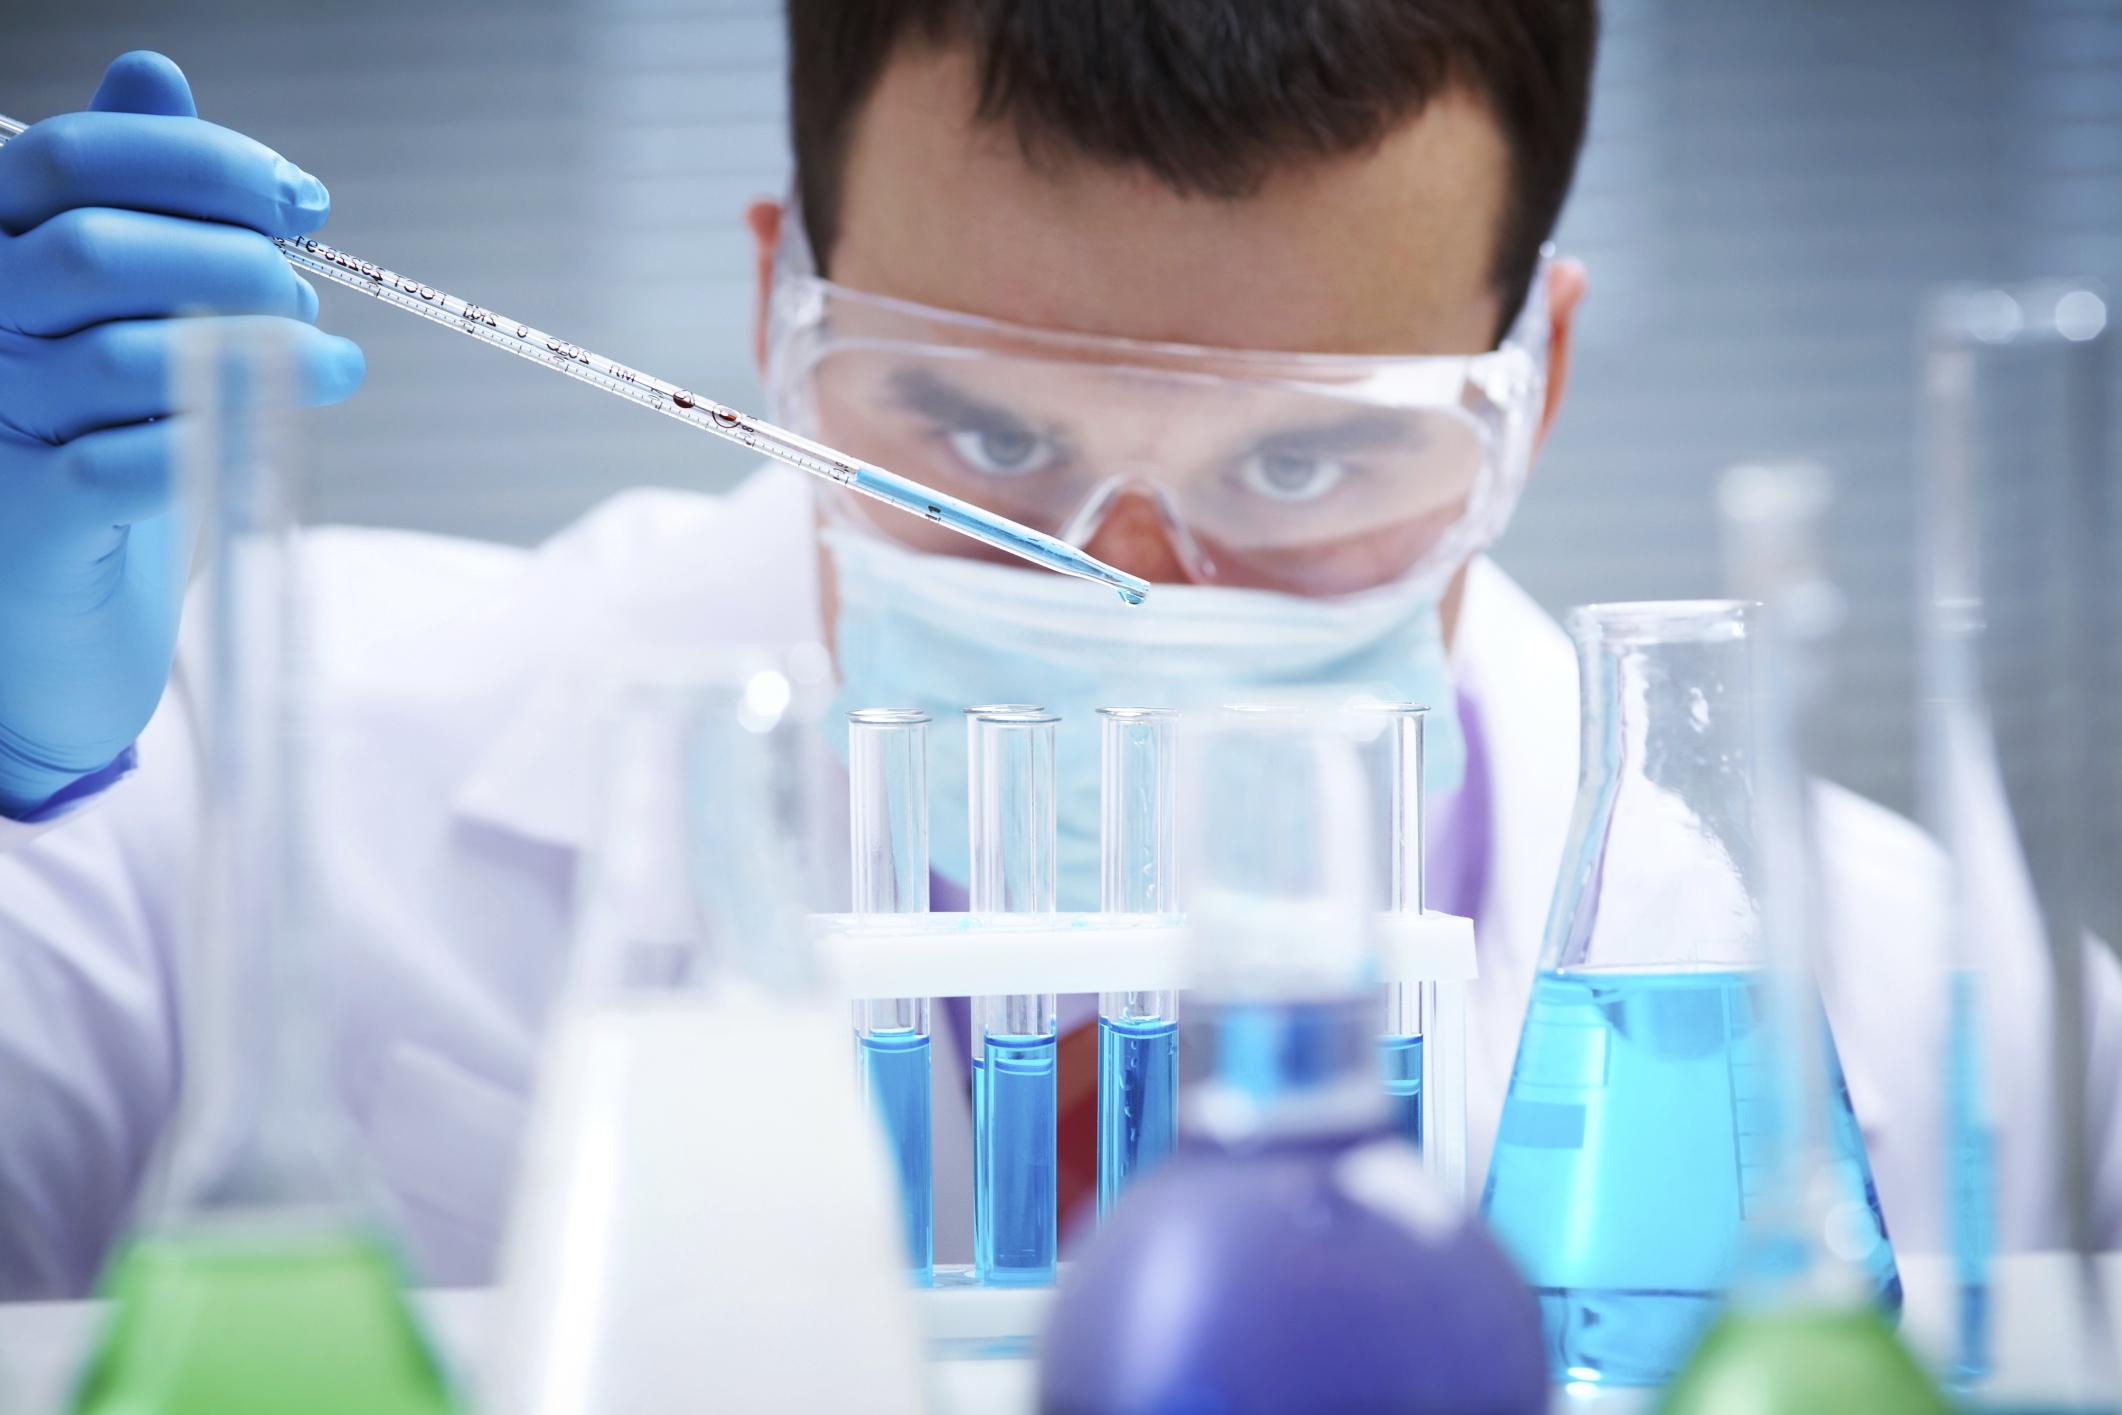 Lab, image courtesy of Thinkstock / YanLev.